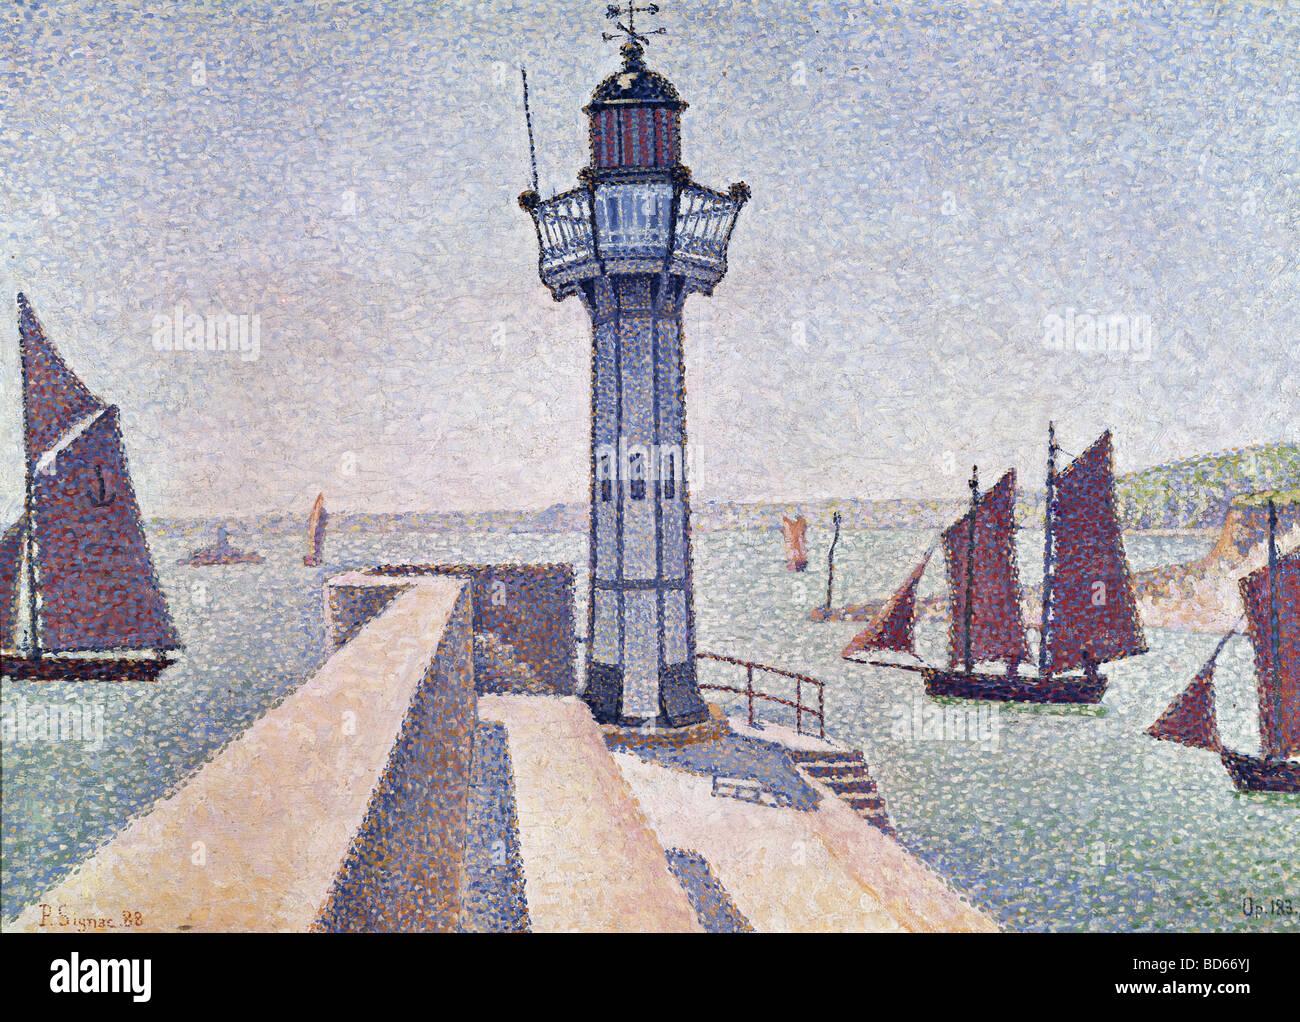 Beaux-arts, Signac, Paul, (1863 - 1935), peinture, Portrieux, 'Le Phare', 1888, Rijksmuseum Kröller Photo Stock